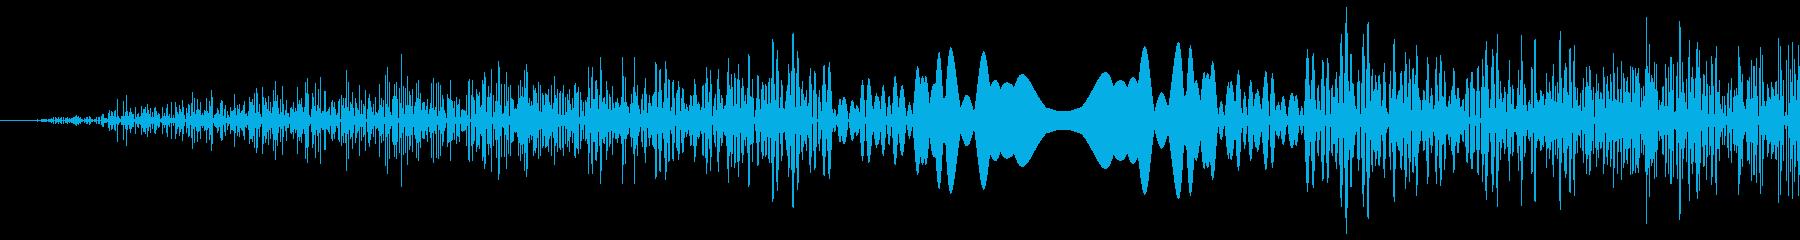 DJプレイ スクラッチ・ノイズ 3 短の再生済みの波形